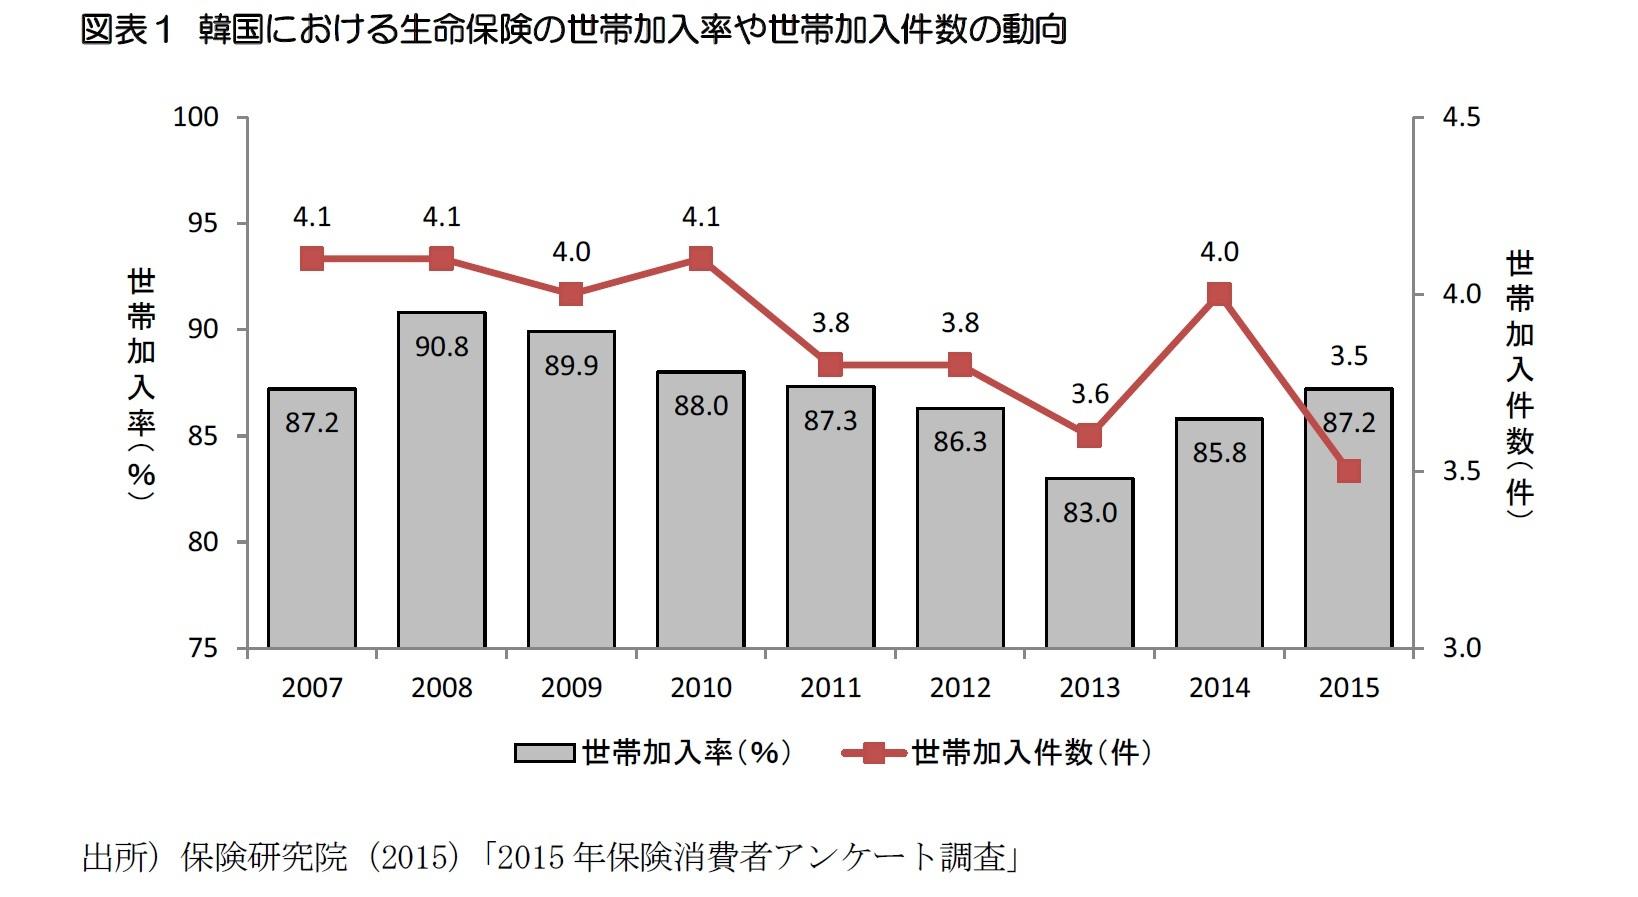 図表1 韓国における生命保険の世帯加入率や世帯加入件数の動向